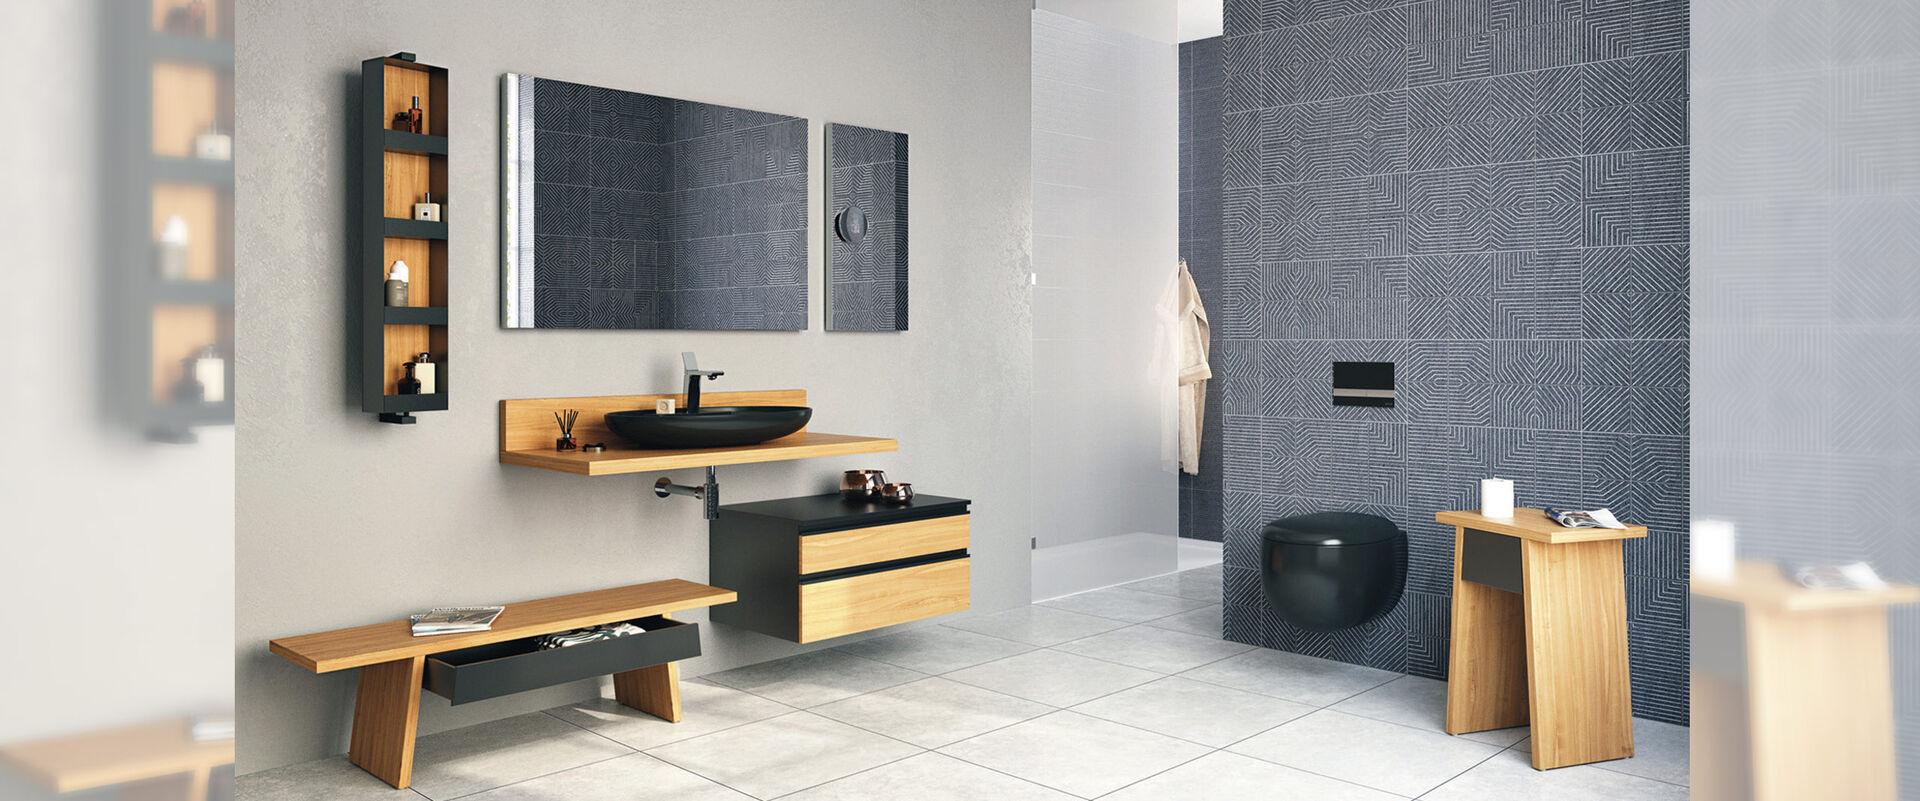 VitrA Memoria Elements - Badmöbel für moderne Ursprünglichkeit